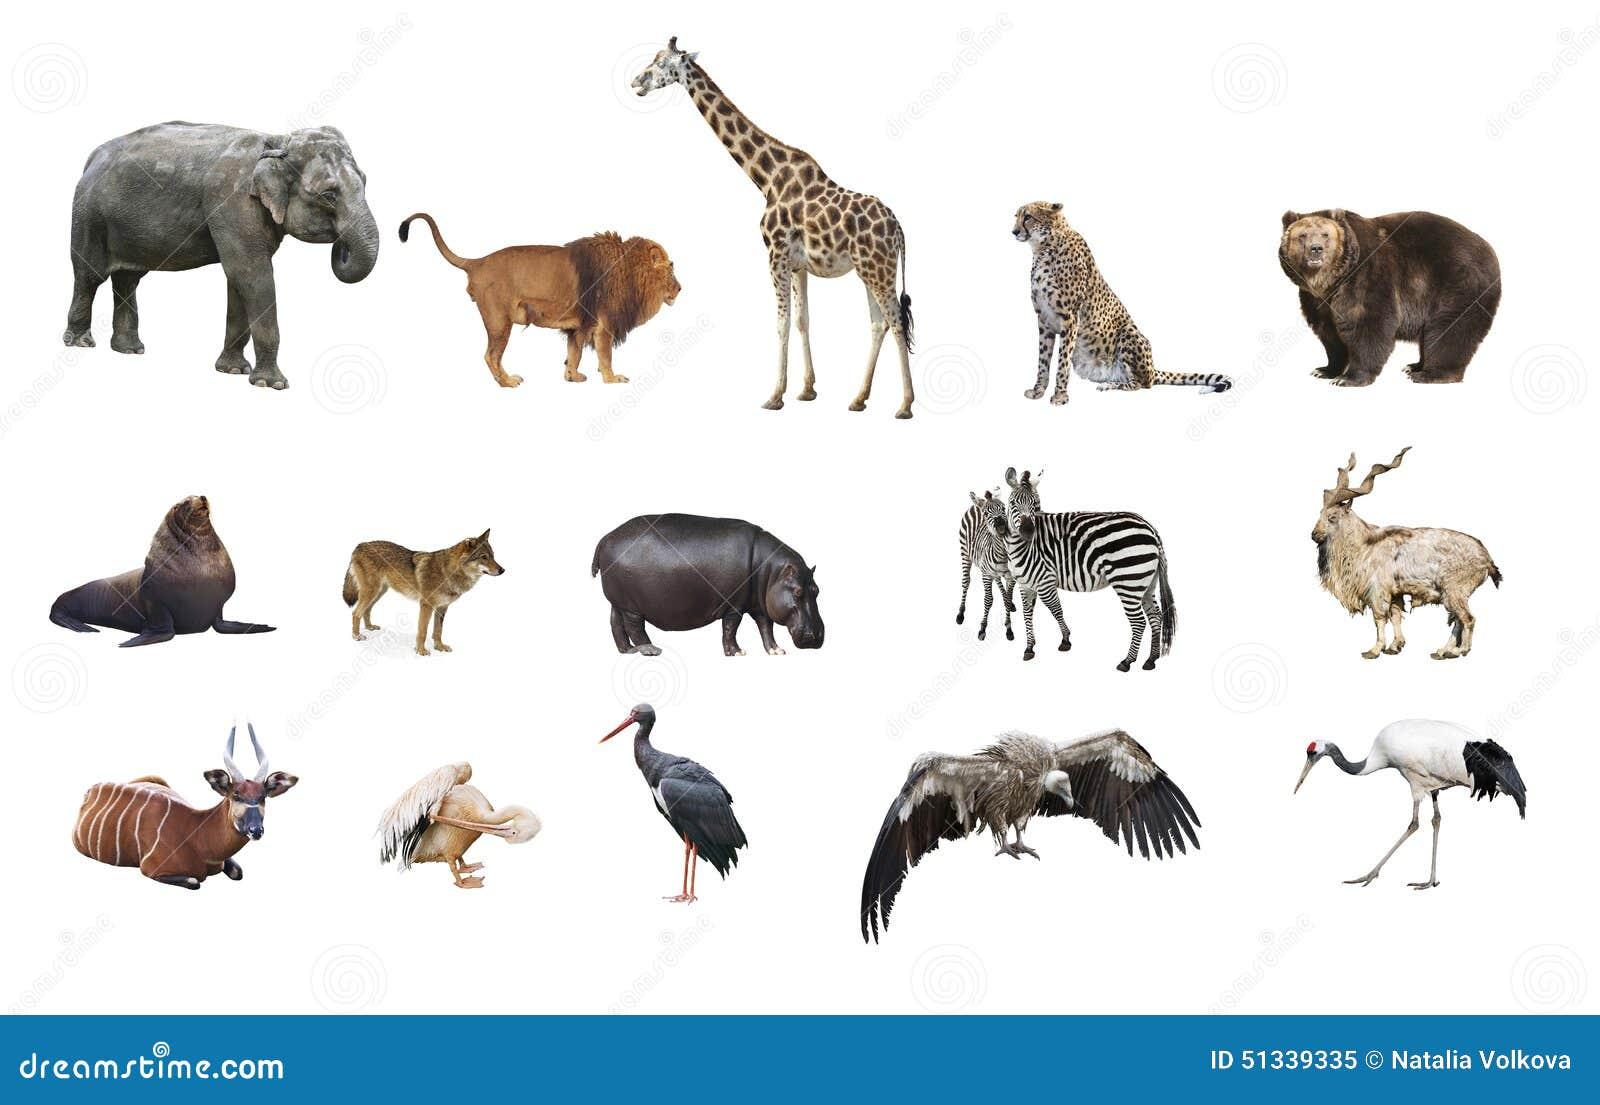 Een collage van wilde dieren